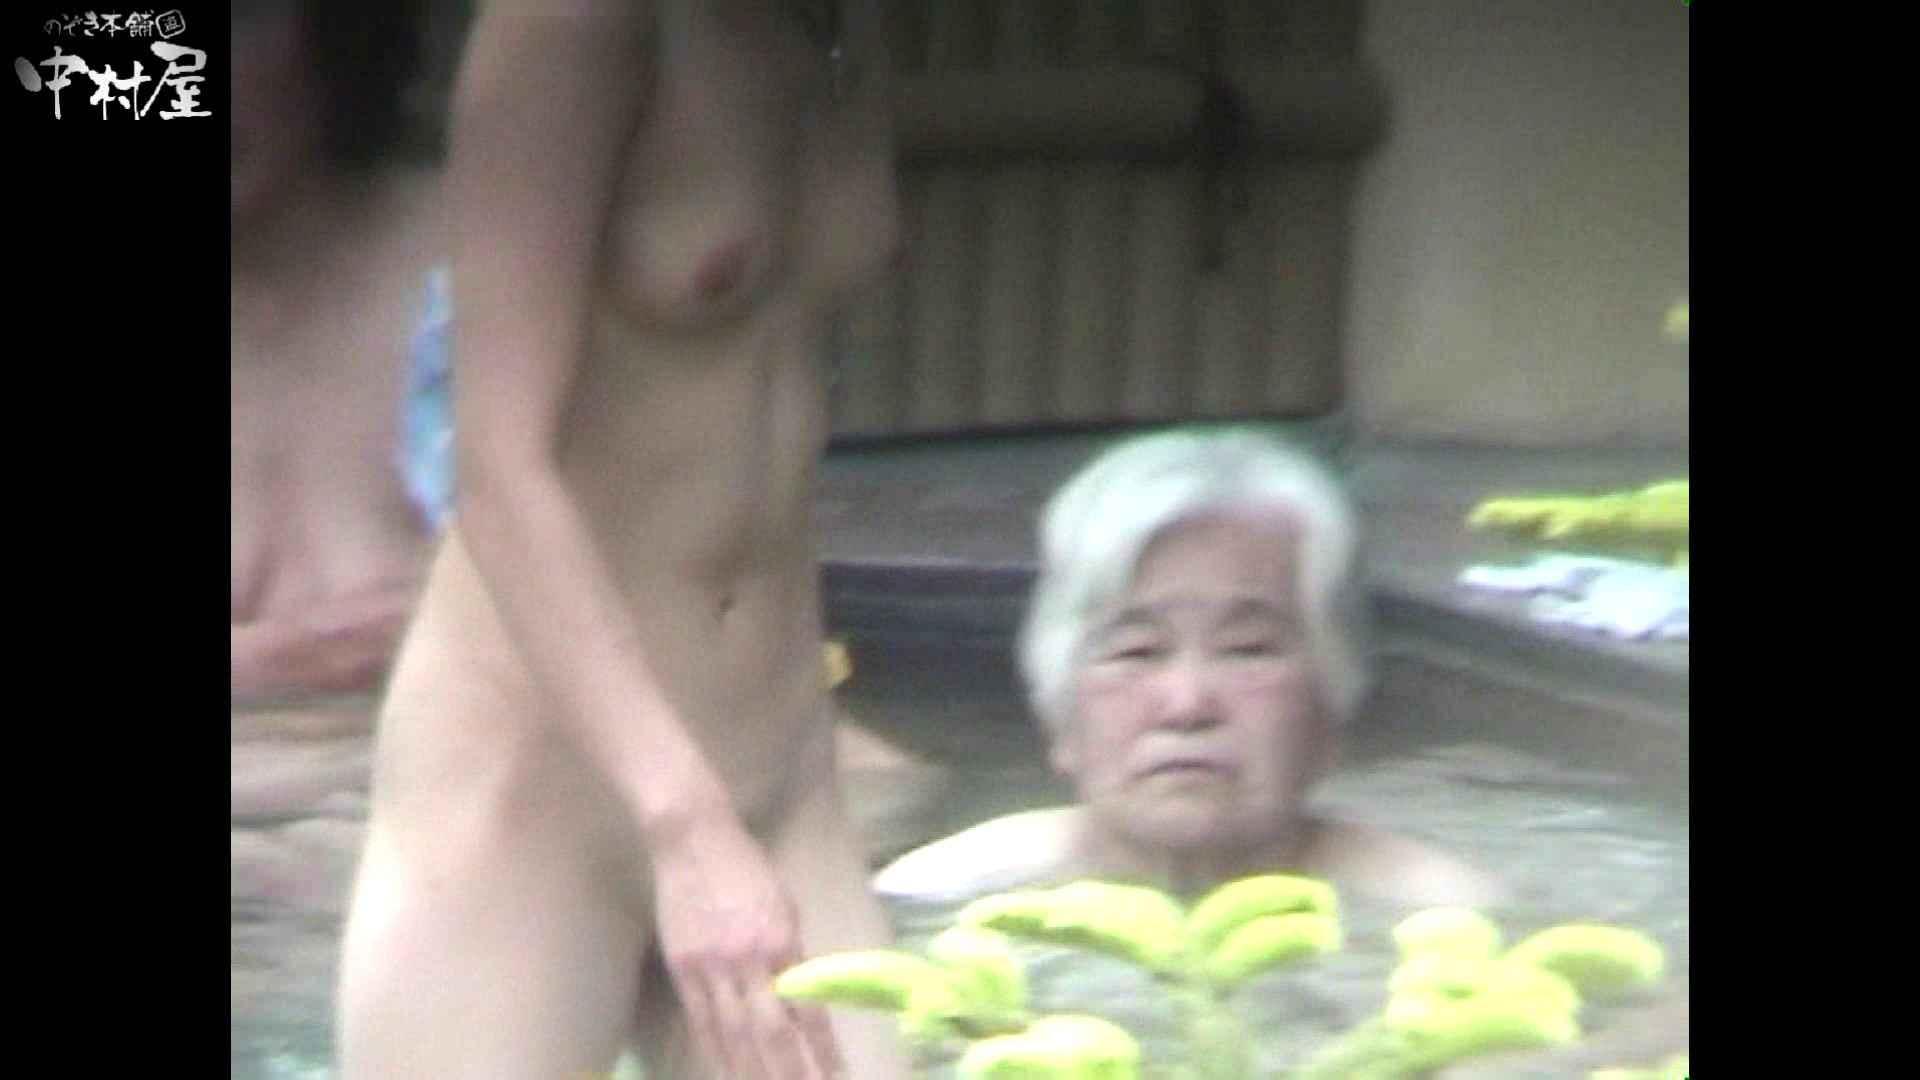 Aquaな露天風呂Vol.934 露天 | 盗撮  49pic 26